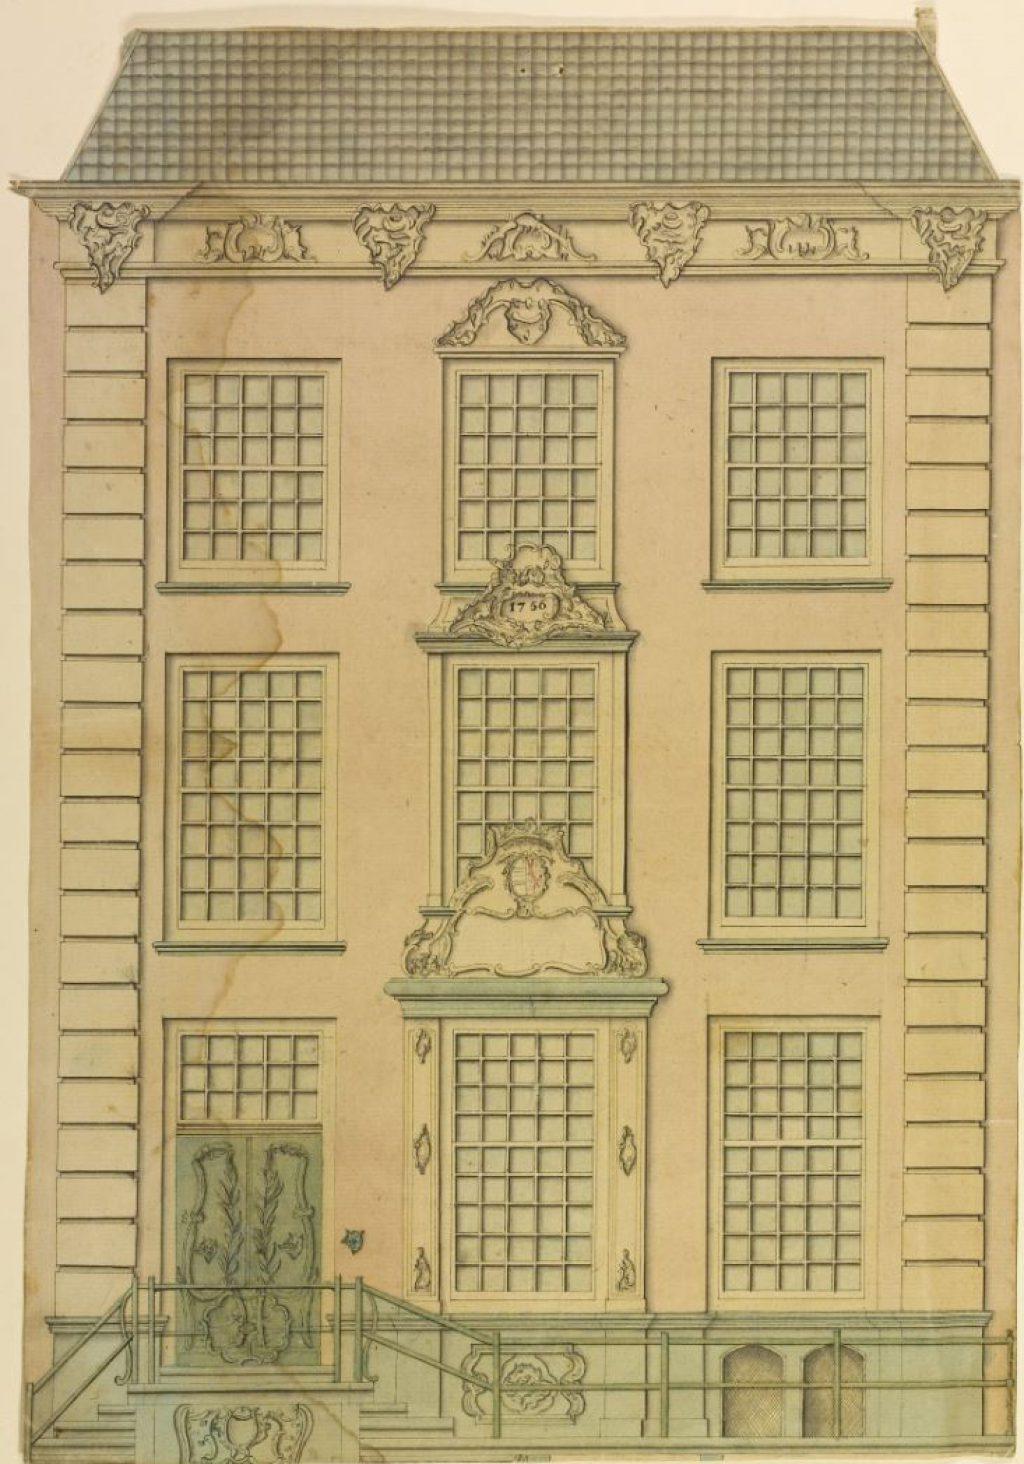 Ontwerp voor de gevel van Oude Delft 49, 1756. (TMS 8033)